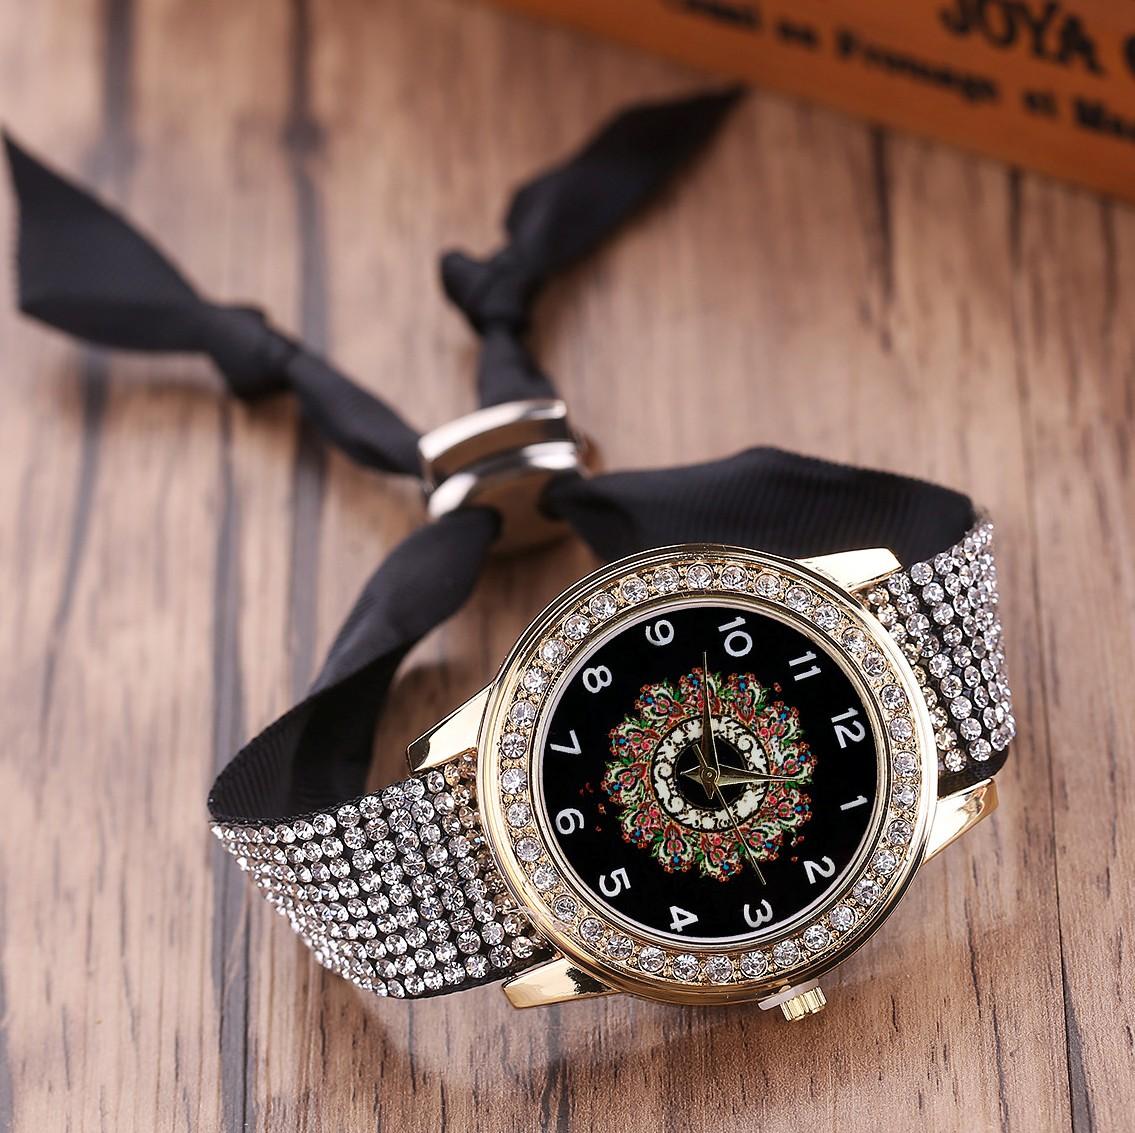 Купить женские часы с красивым браслетом куплю мужские часы недорого